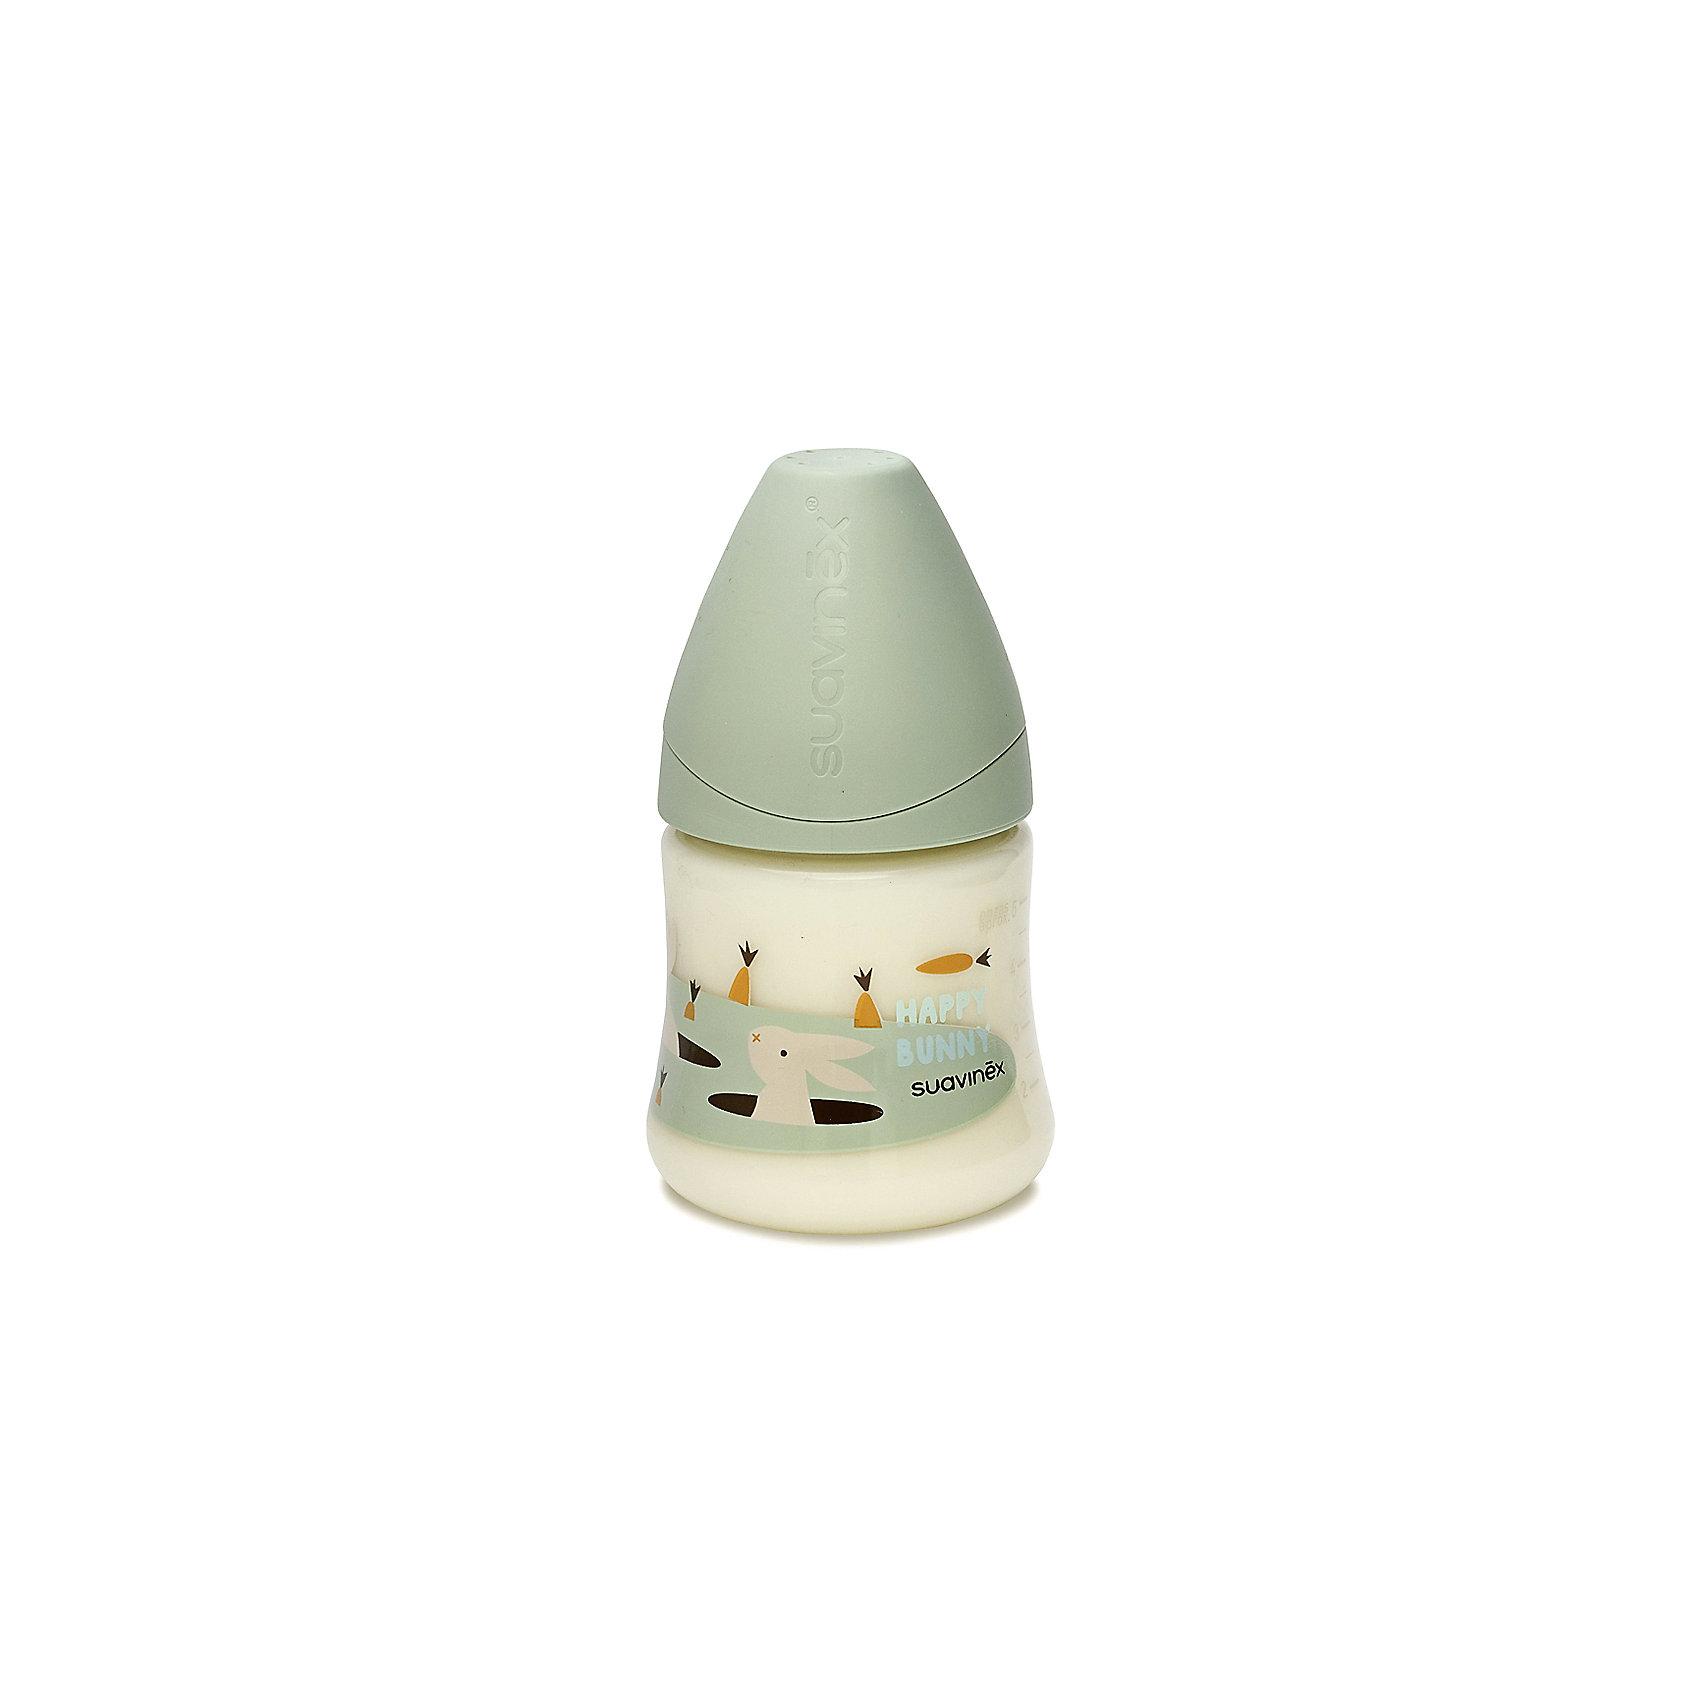 Бутылка 150мл от 0 до 6 мес., Suavinex, зеленый кроликБутылочки и аксессуары<br>Характеристики:<br><br>• Наименование: бутылка для кормления<br>• Рекомендуемый возраст: от 0 до 6 месяцев<br>• Пол: универсальный<br>• Объем: 150 мл<br>• Материал: латекс, пластик<br>• Цвет: зеленый, белый, оранжевый<br>• Рисунок: кролик, морковка<br>• Форма соски: анатомическая<br>• Поток у соски: медленный<br>• Комплектация: бутылочка, соска, колпачок<br>• Наличие антиколикового клапана<br>• Горлышко бутылки адаптировано под любую форму соски данного производителя<br>• Вес: 85 г<br>• Параметры (Д*Ш*В): 7*7*13,3 см <br>• Особенности ухода: регулярная стерилизация и своевременная замена<br><br>Бутылка 150 мл от 0 до 6 мес., Suavinex, зеленый кролик  изготовлена испанским торговым брендом, специализирующимся на выпуске товаров для кормления новорожденных и младенцев. Продукция от Suavinex разработана с учетом рекомендаций педиатров и стоматологов, что гарантирует не только качество и безопасность использованных материалов, но и обеспечивает правильное формирование неба. <br><br>Бутылочка выполнена с широким горлышком, что облегчает уход за ней. Латексная соска анатомической формы длительное время сохраняет свои свойства: не рассасывается и не слипается во время кормления. <br><br>Бутылка 150 мл от 0 до 6 мес., Suavinex, зеленый кролик  выполнена в брендовом дизайне с изображением выглядывающего из норы кролика. Рисунок устойчив к появлениям царапин и выгоранию цвета даже при частой стерилизации. Бутылка 150 мл от 0 до 6 мес., Suavinex, зеленый кролик станет непревзойденным аксессуаром для кормления вашего малыша.<br><br>Бутылку 150 мл от 0 до 6 мес., Suavinex, зеленый кролик можно купить в нашем интернет-магазине.<br><br>Ширина мм: 70<br>Глубина мм: 70<br>Высота мм: 133<br>Вес г: 85<br>Возраст от месяцев: 0<br>Возраст до месяцев: 6<br>Пол: Унисекс<br>Возраст: Детский<br>SKU: 5451217